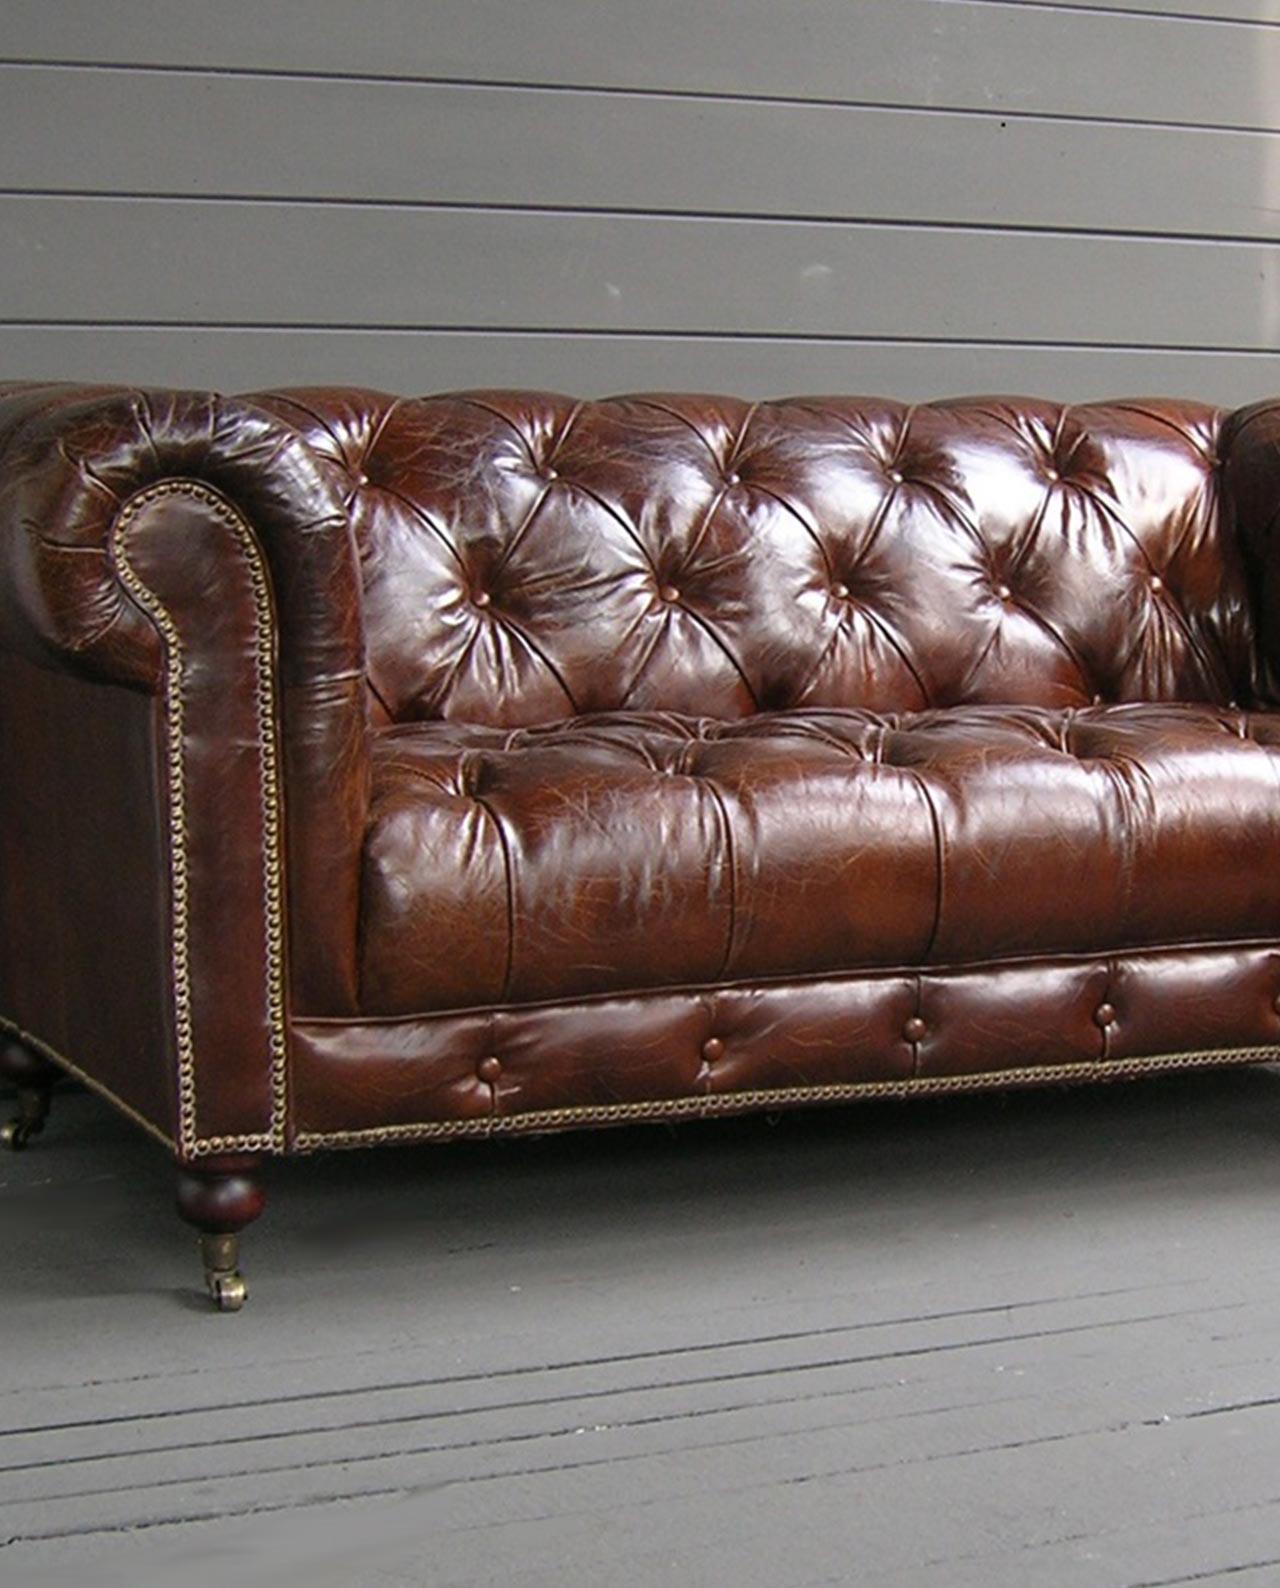 Divano imbottito chesterfield marrone in pelle mobilia - Divano chesterfield ...